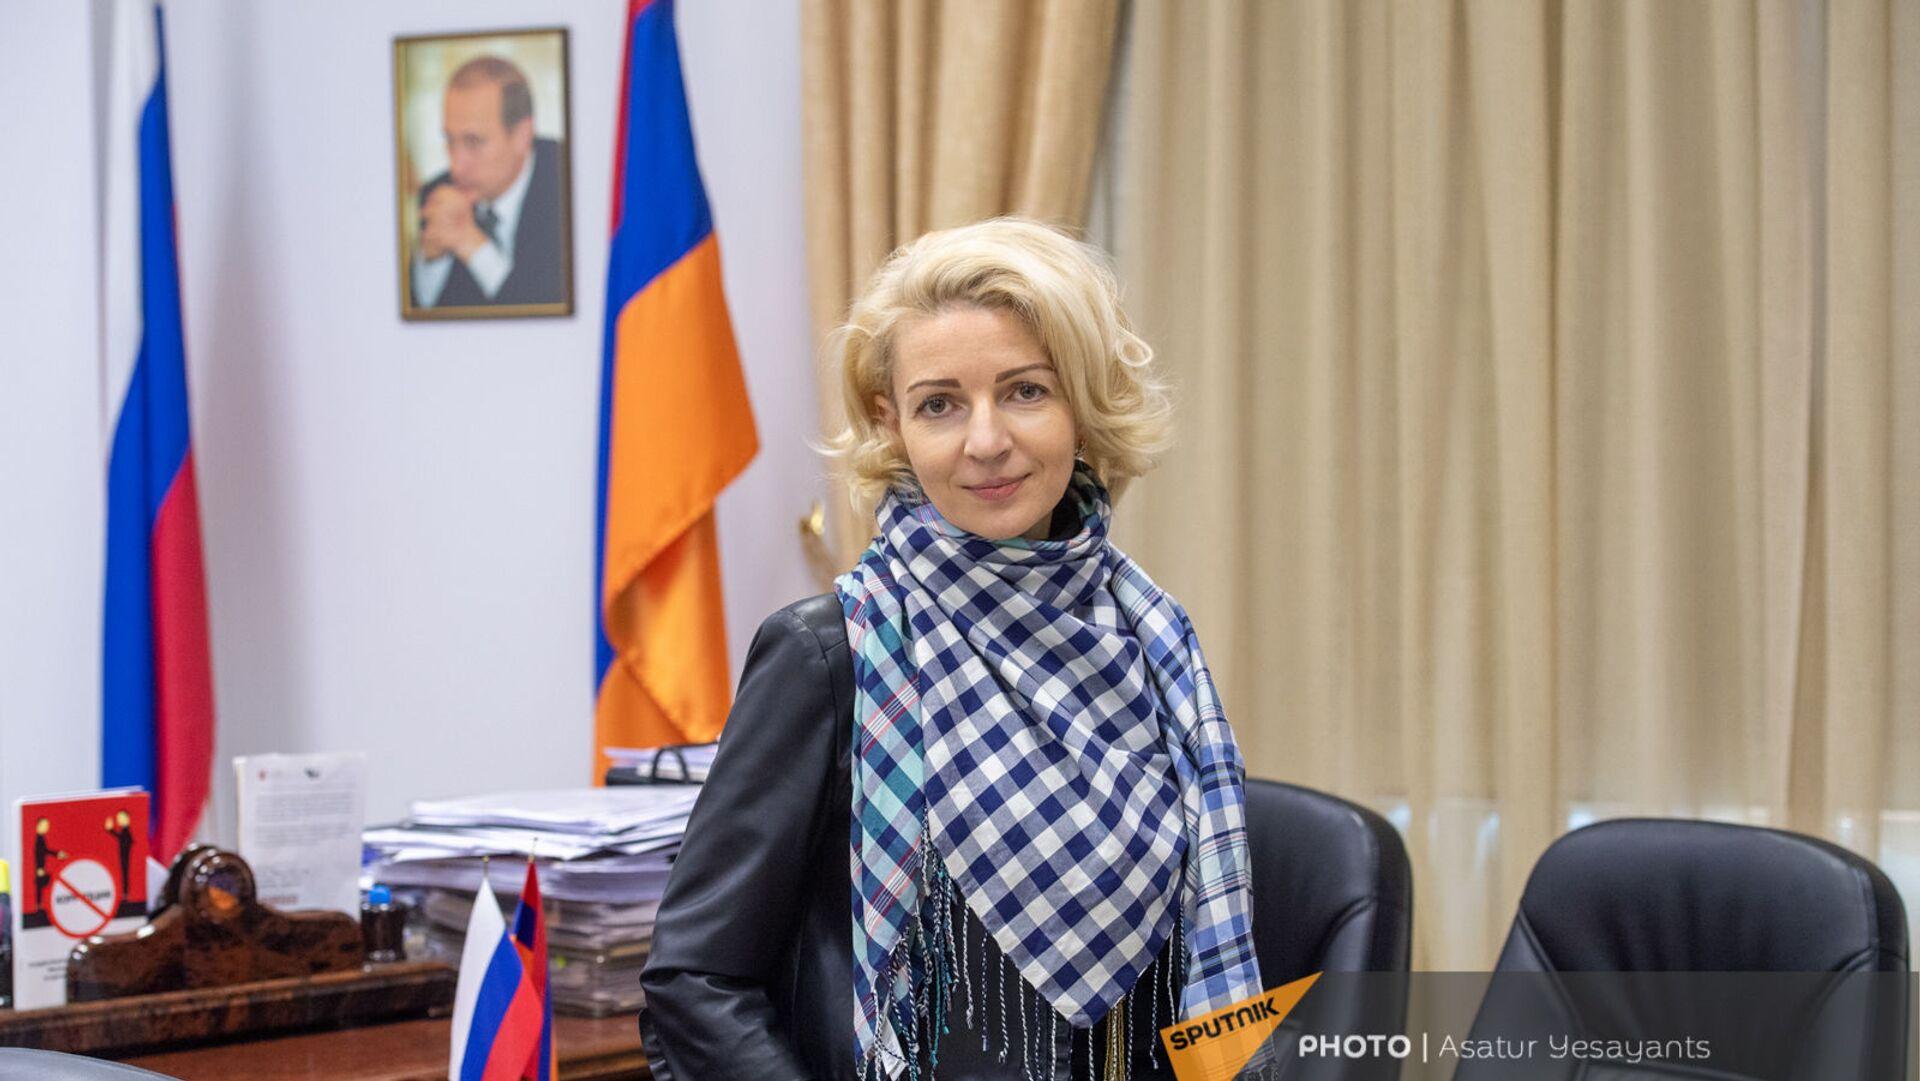 Торговый представитель Российской Федерации в Армении Анна Донченко - Sputnik Армения, 1920, 14.10.2021